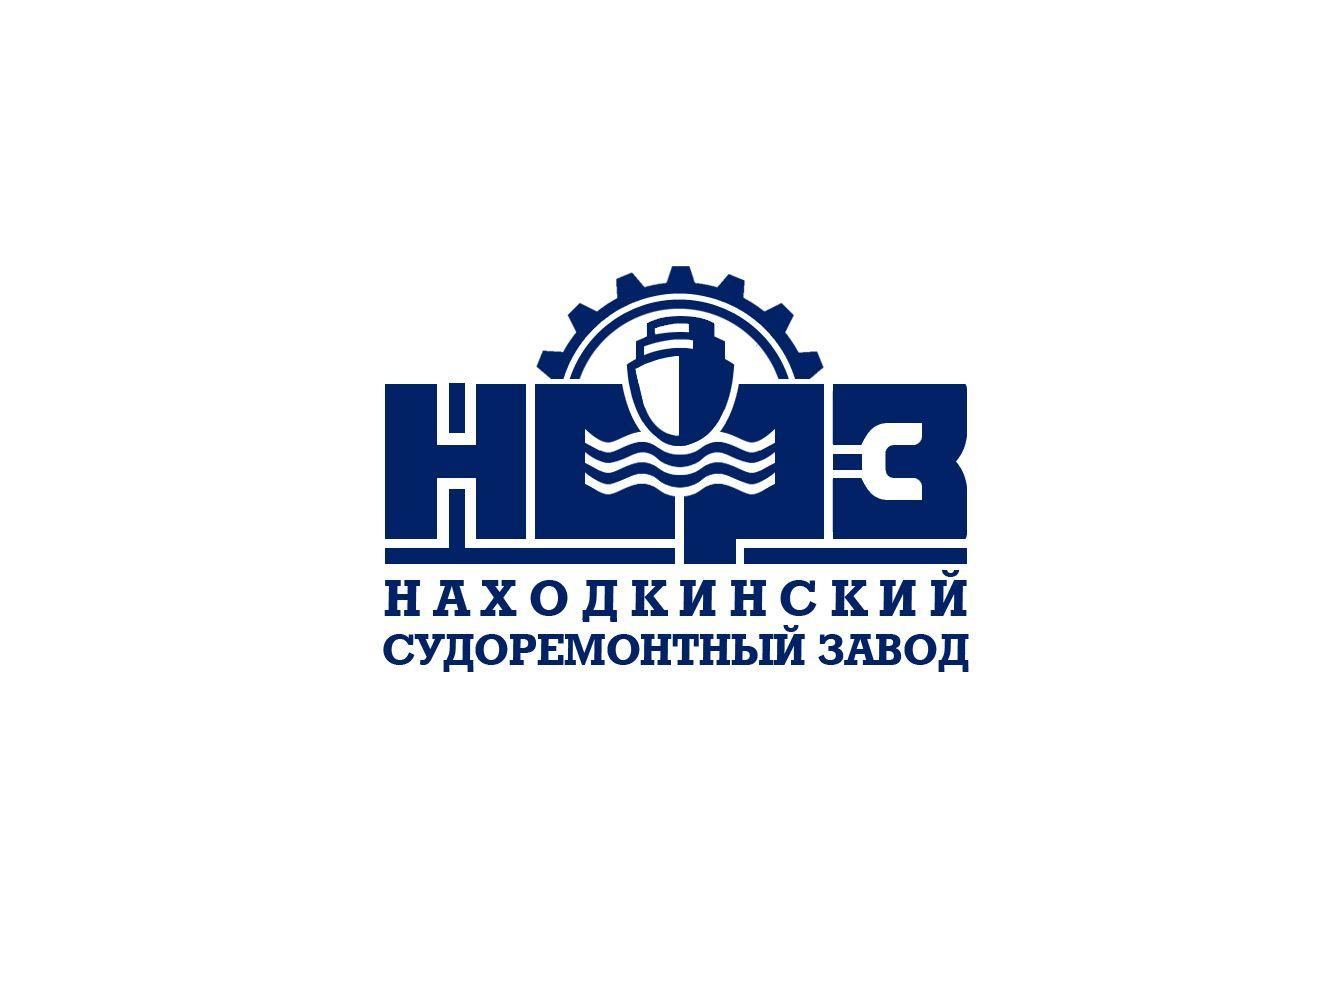 Лого и фирменный стиль для НСРЗ - дизайнер webgrafika